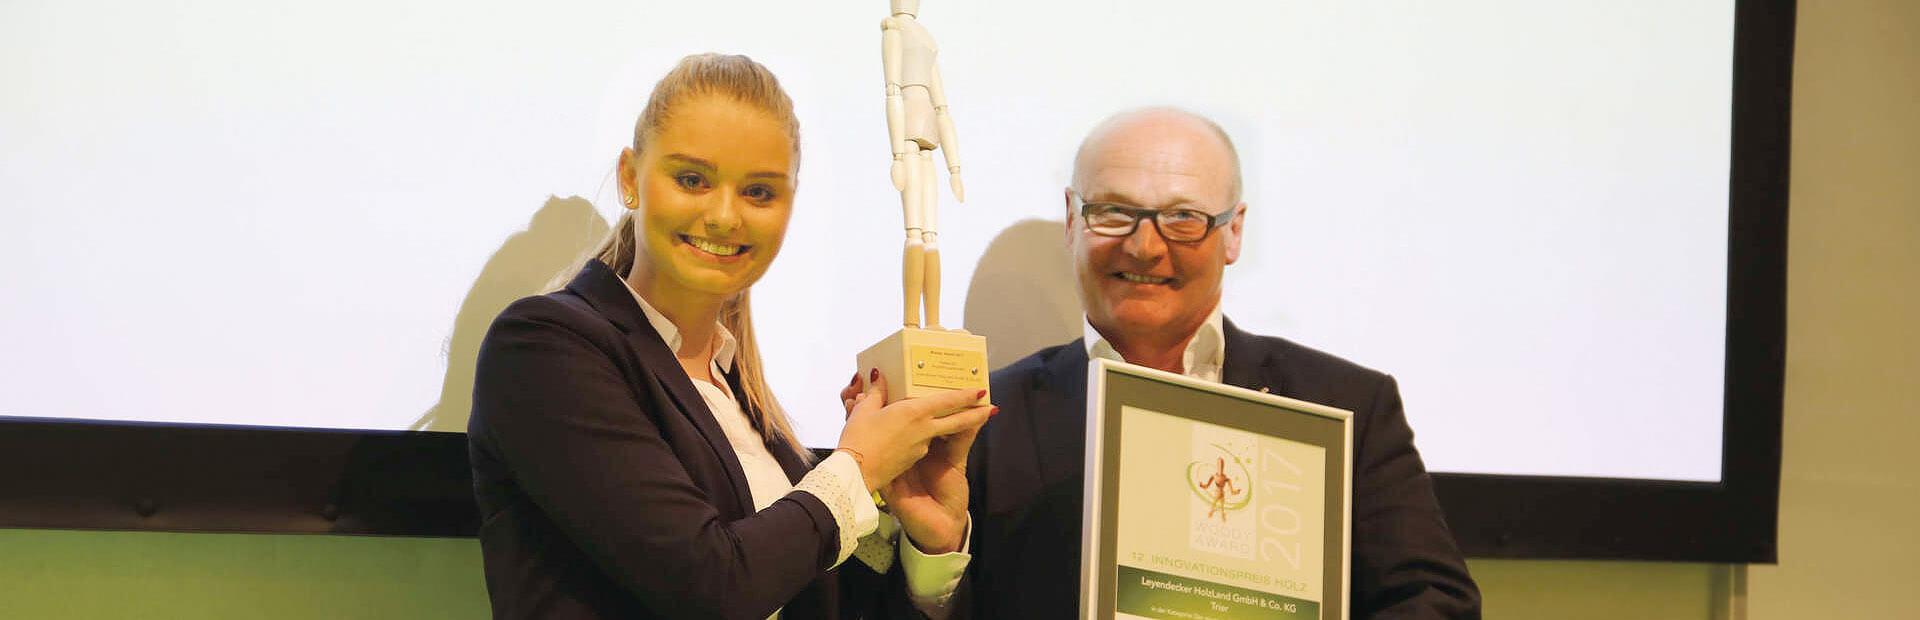 Leyendecker HolzLand gewinnt den Woody Award für einen besonderen Ausbildungsbetrieb